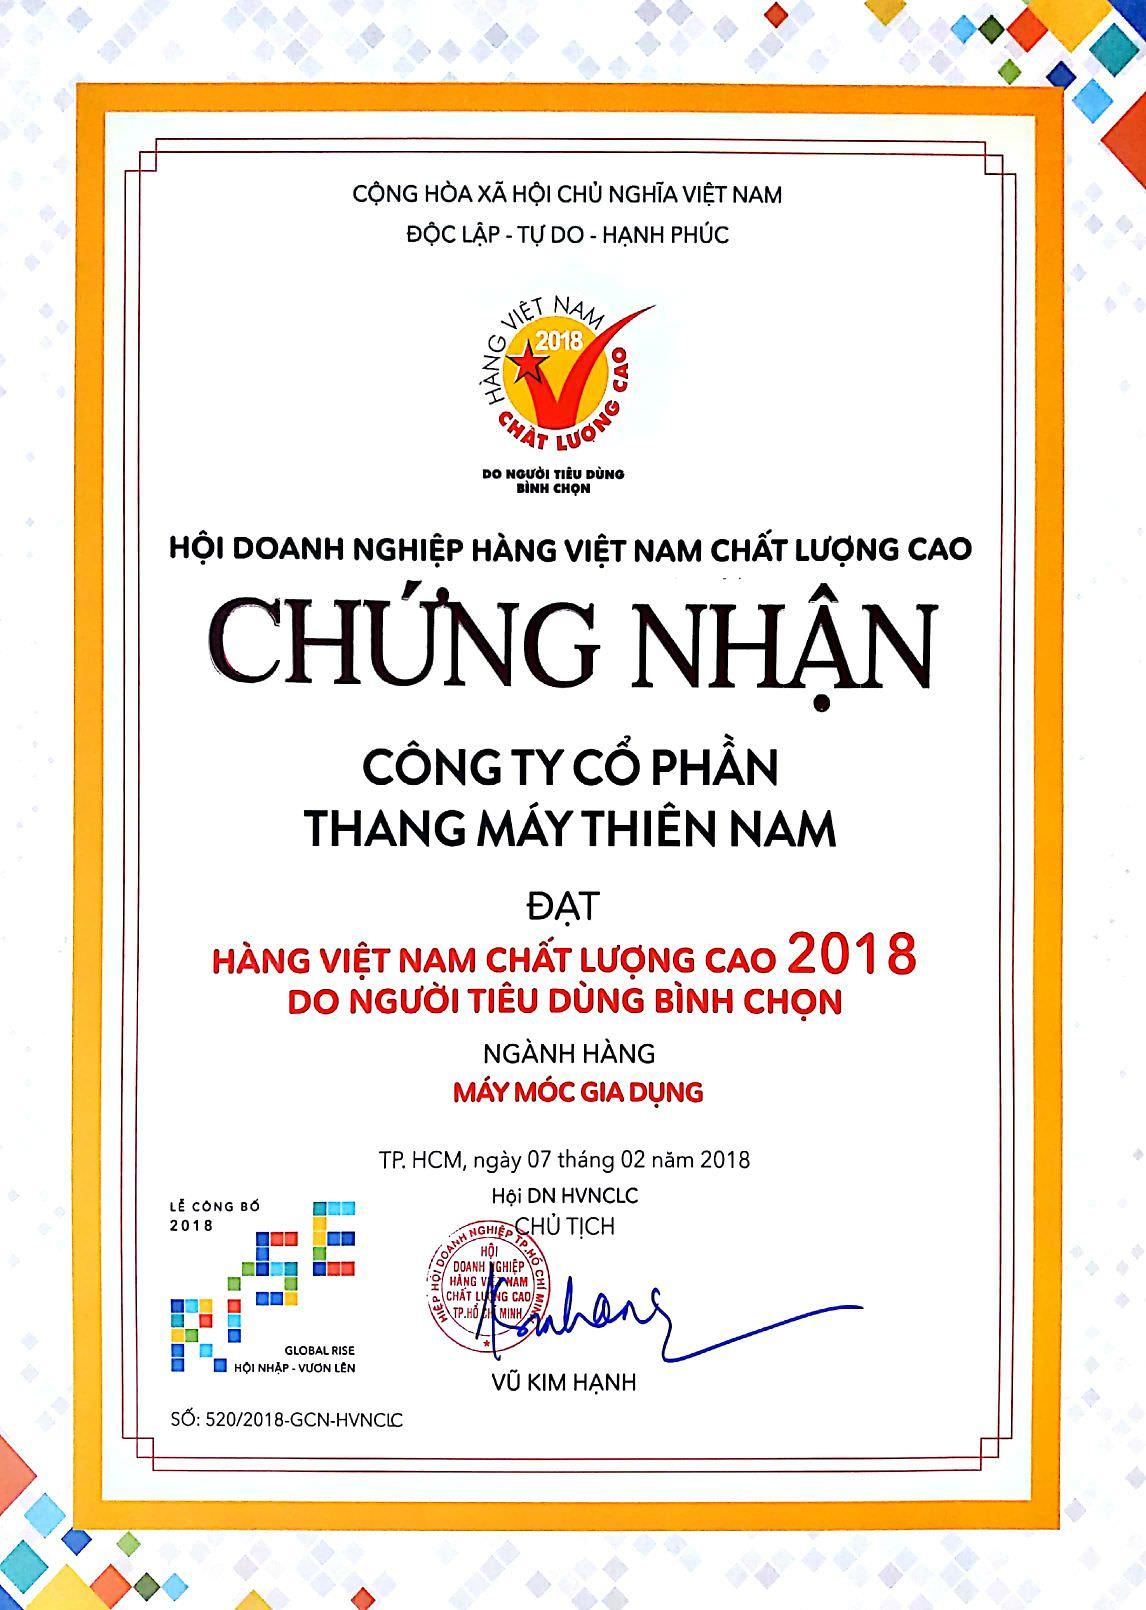 Hàng Việt Nam chất lượng 2018